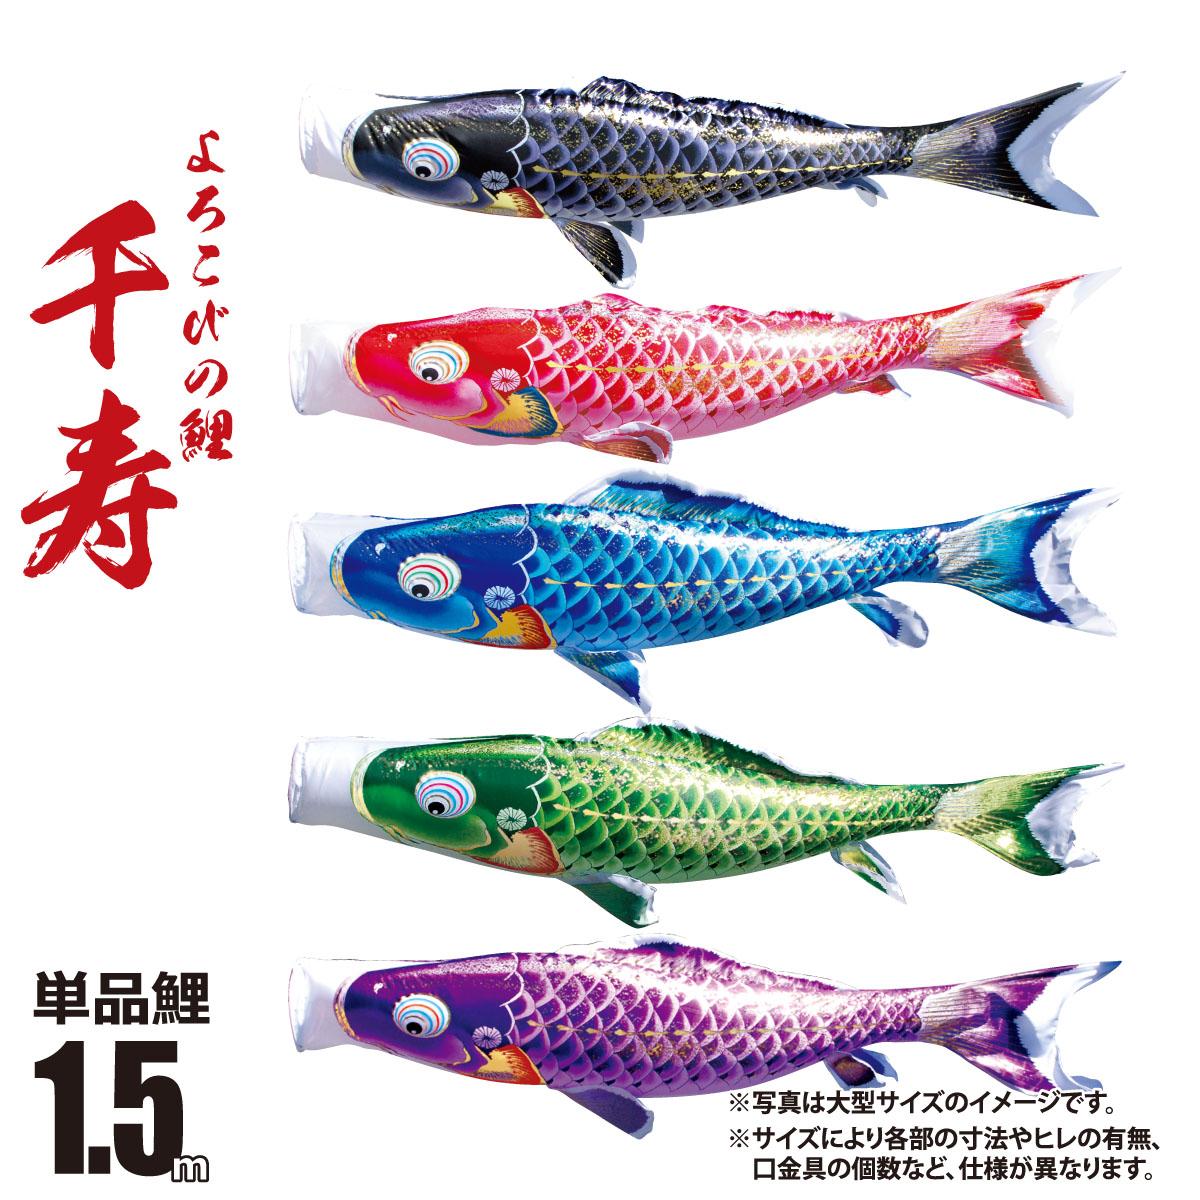 鯉のぼり 単品 一匹単位千寿 単品こいのぼり 1.5m 口金具付きカラー:黒鯉/赤鯉/青鯉/緑鯉/紫鯉ポリエステル立体交差生地 撥水(はっ水)加工徳永鯉のぼり こいのぼり KOI-TPK-001-337